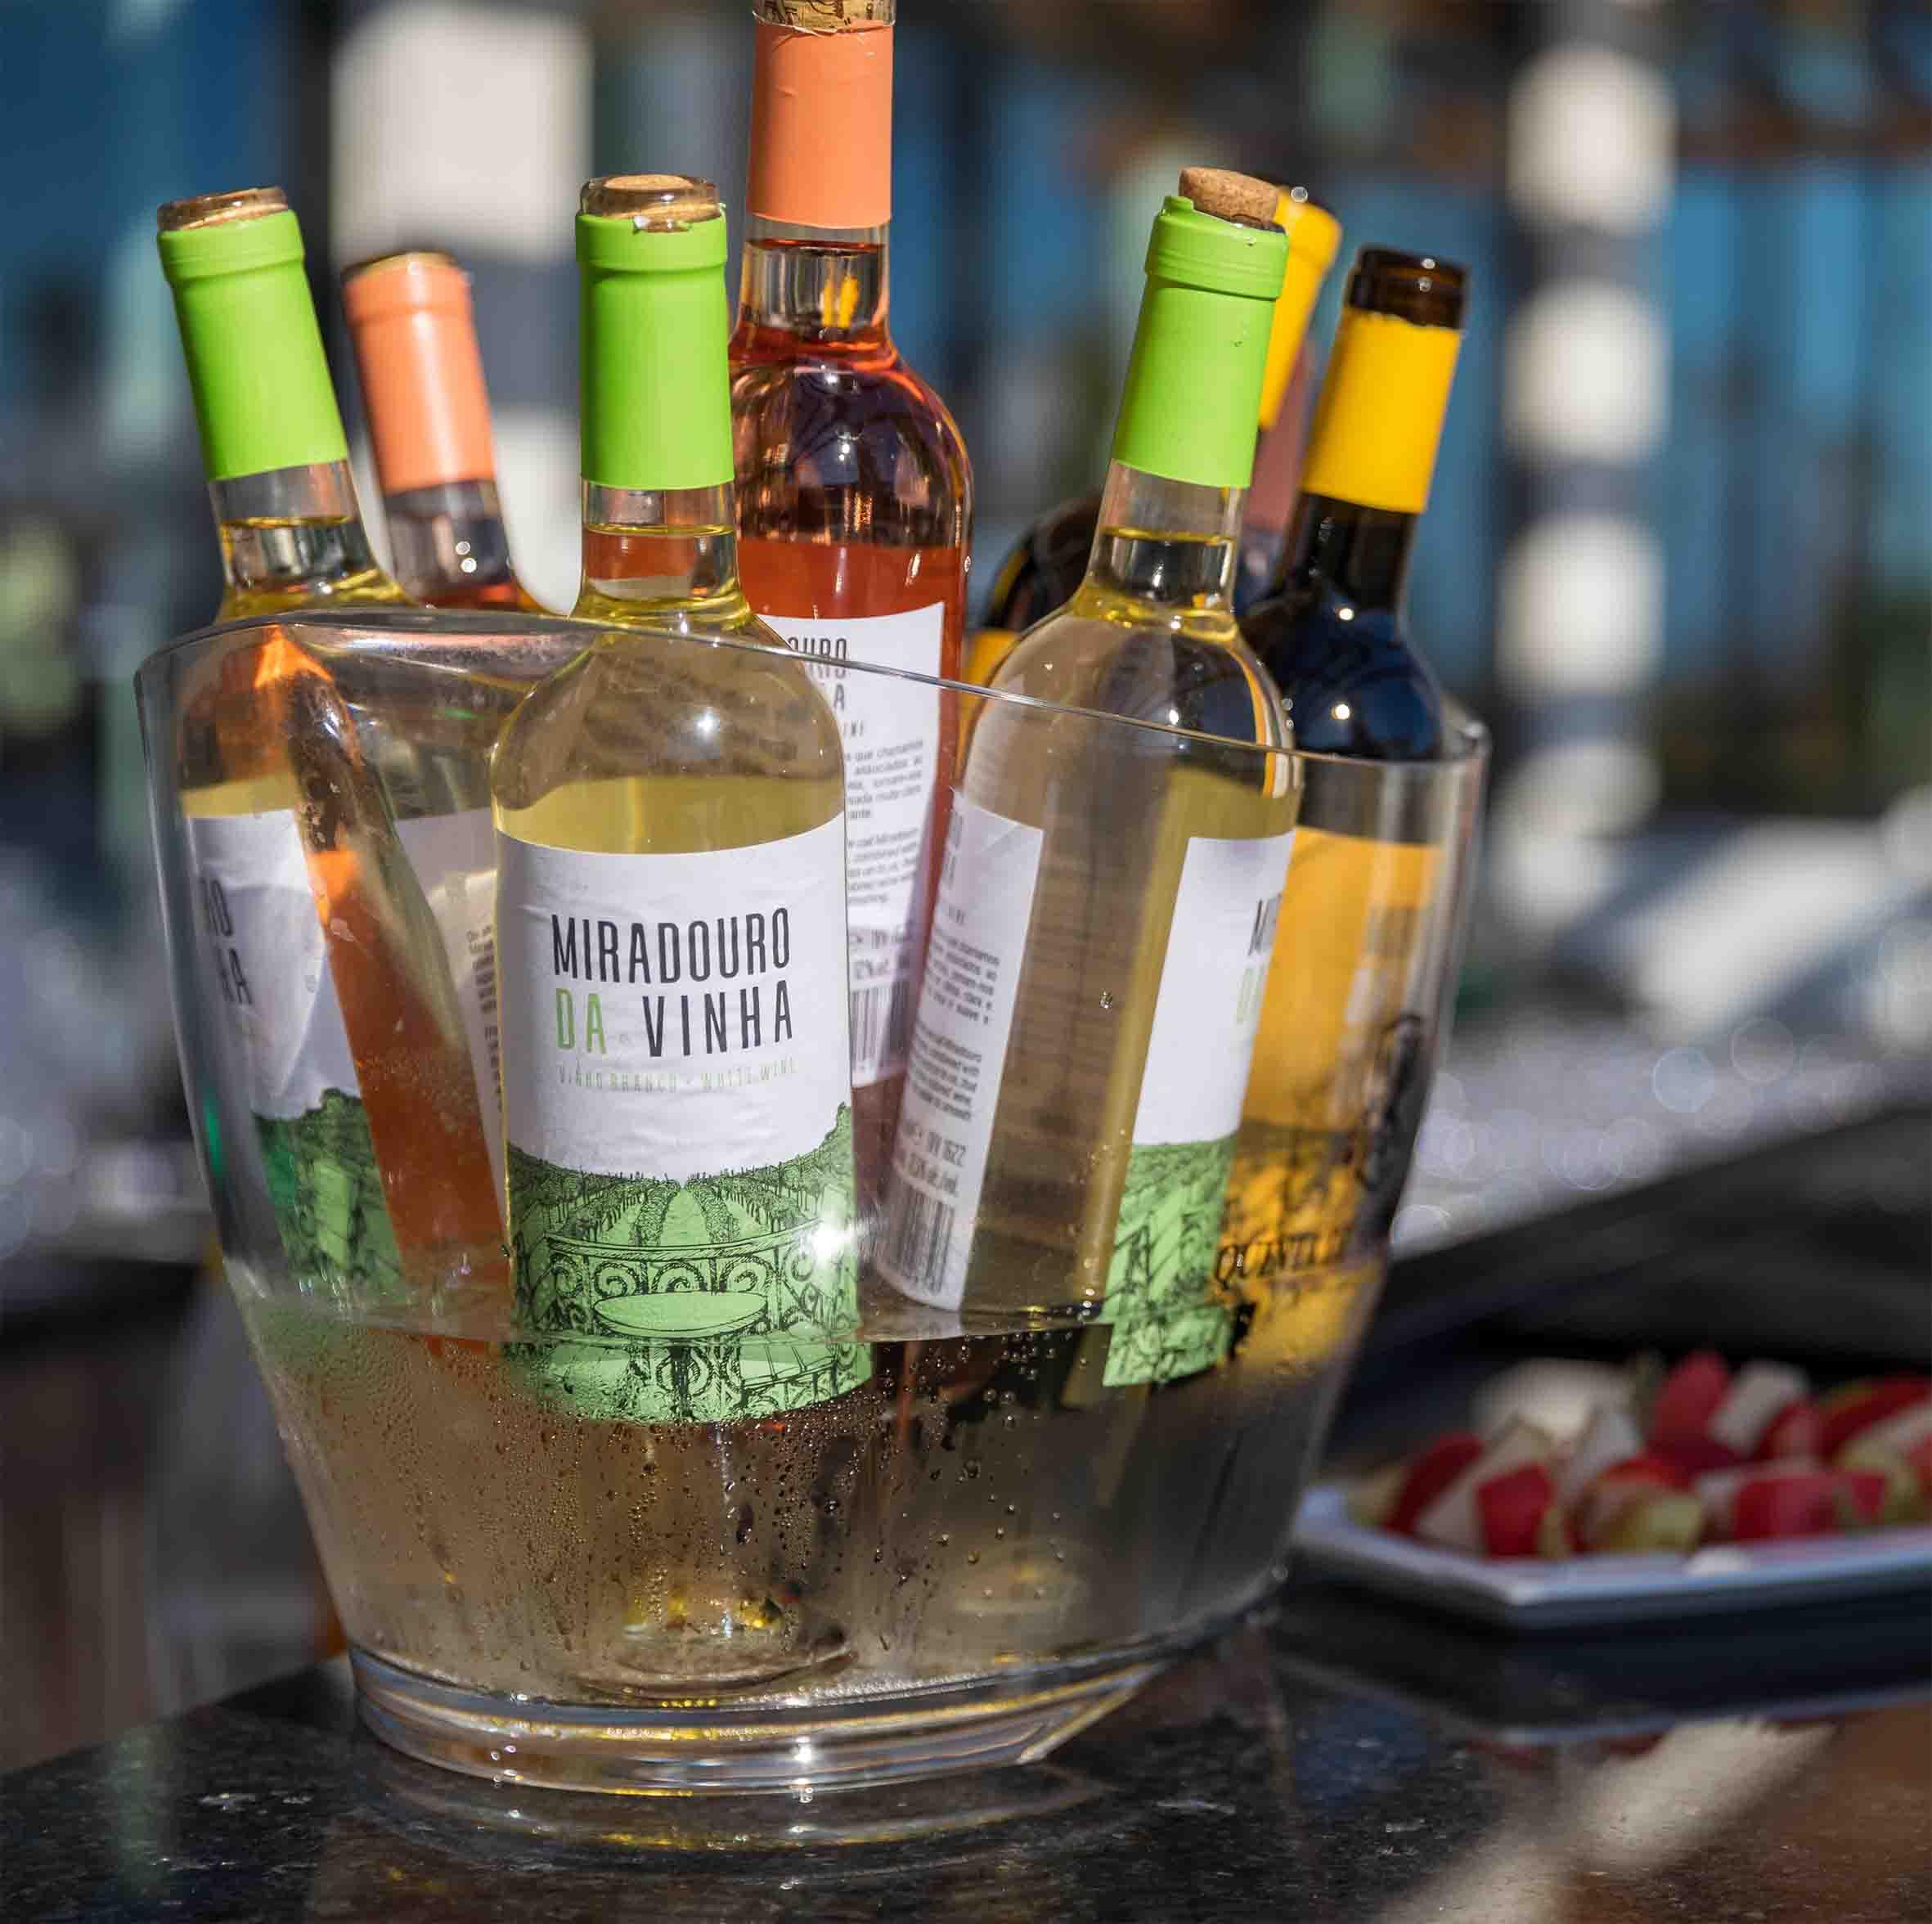 Drinks Miradouro da Vinha